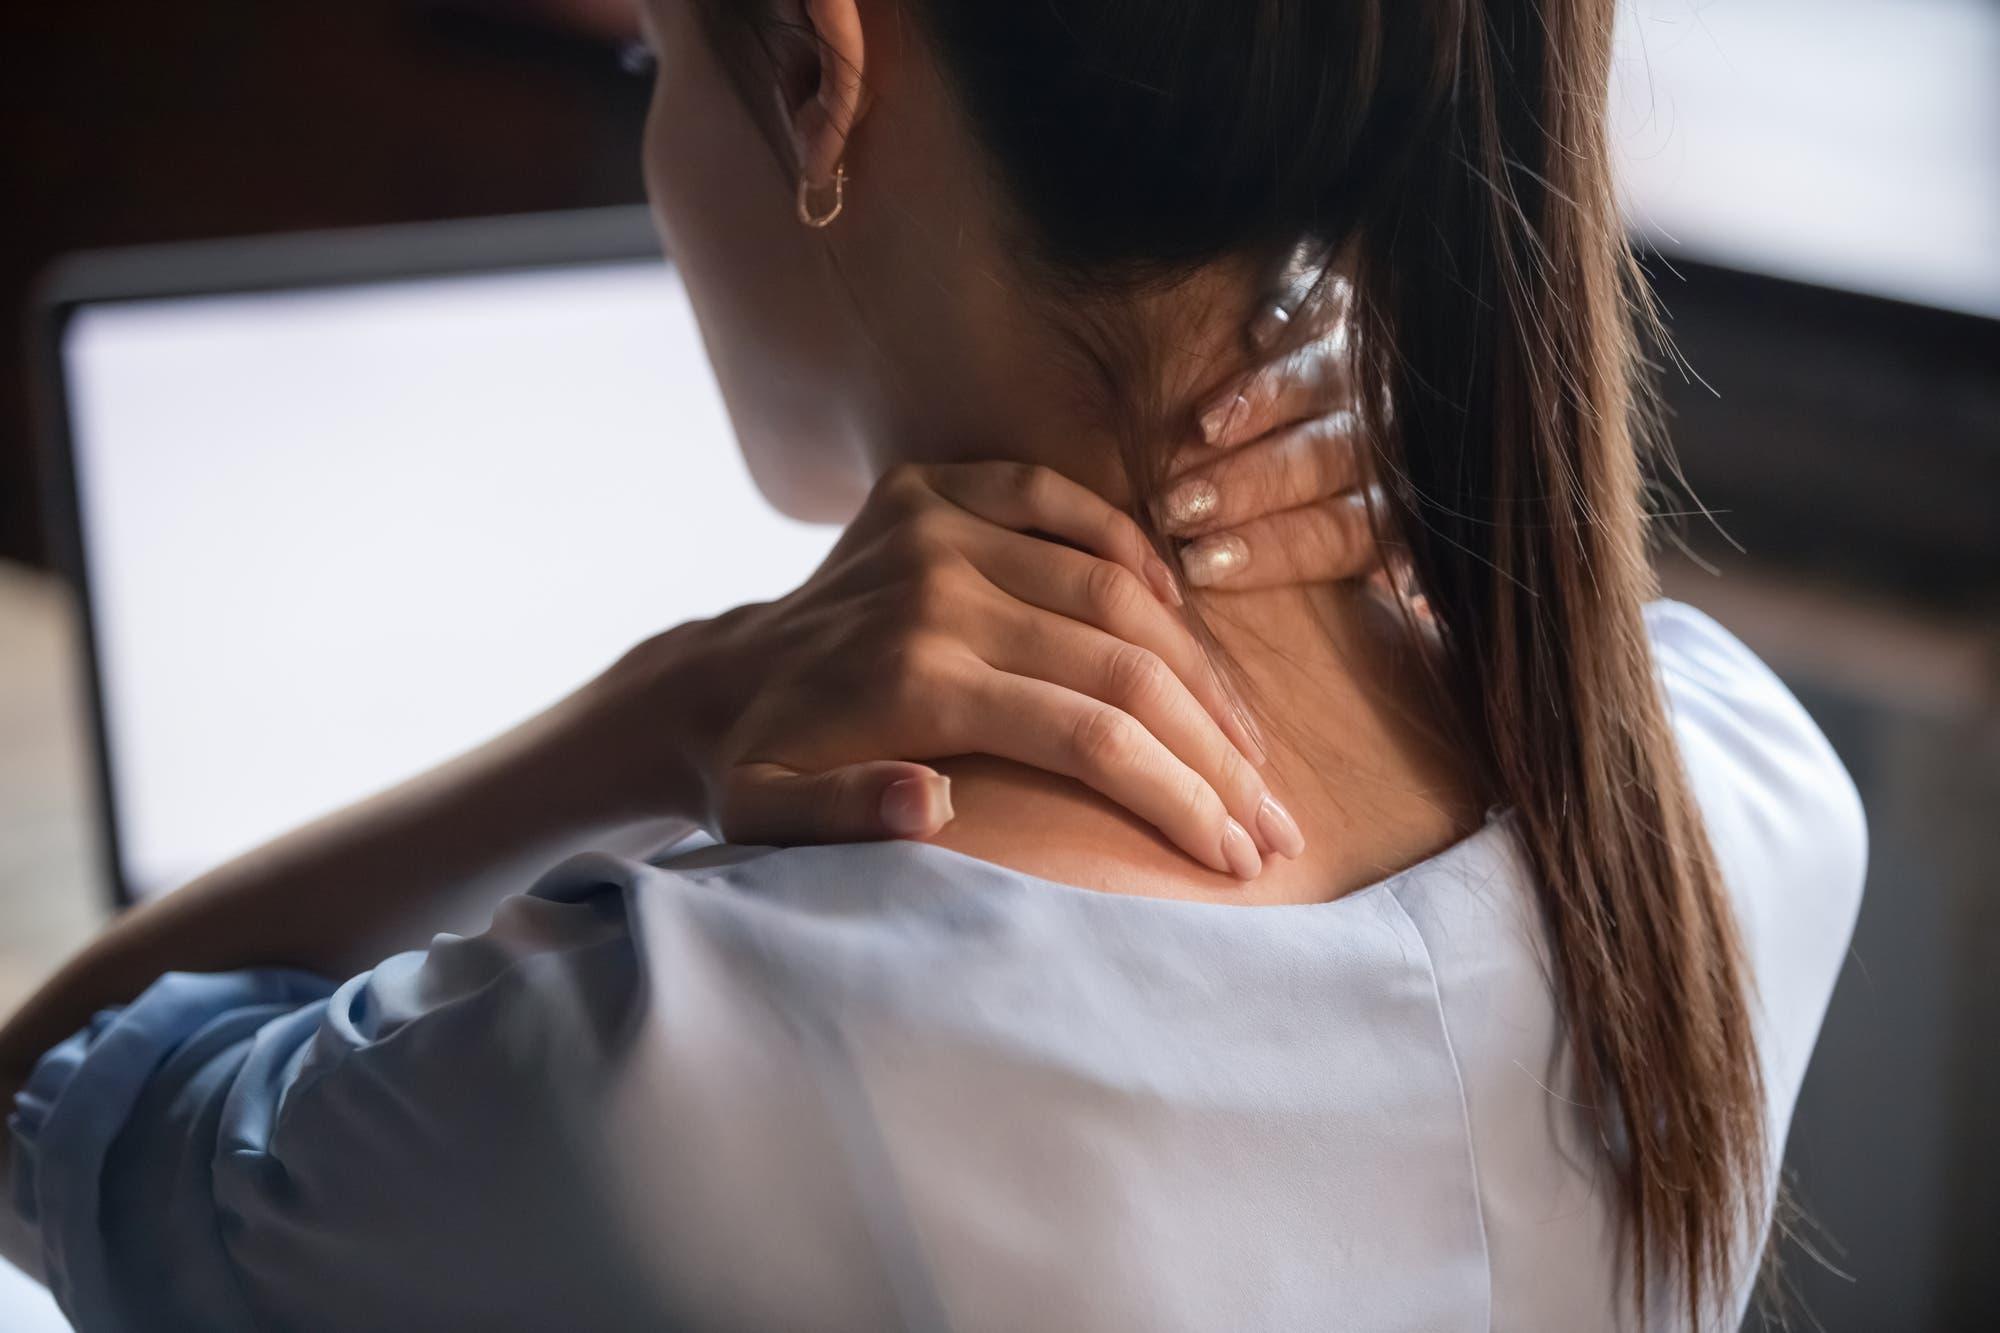 Por qué las mujeres padecen más dolor que los hombres